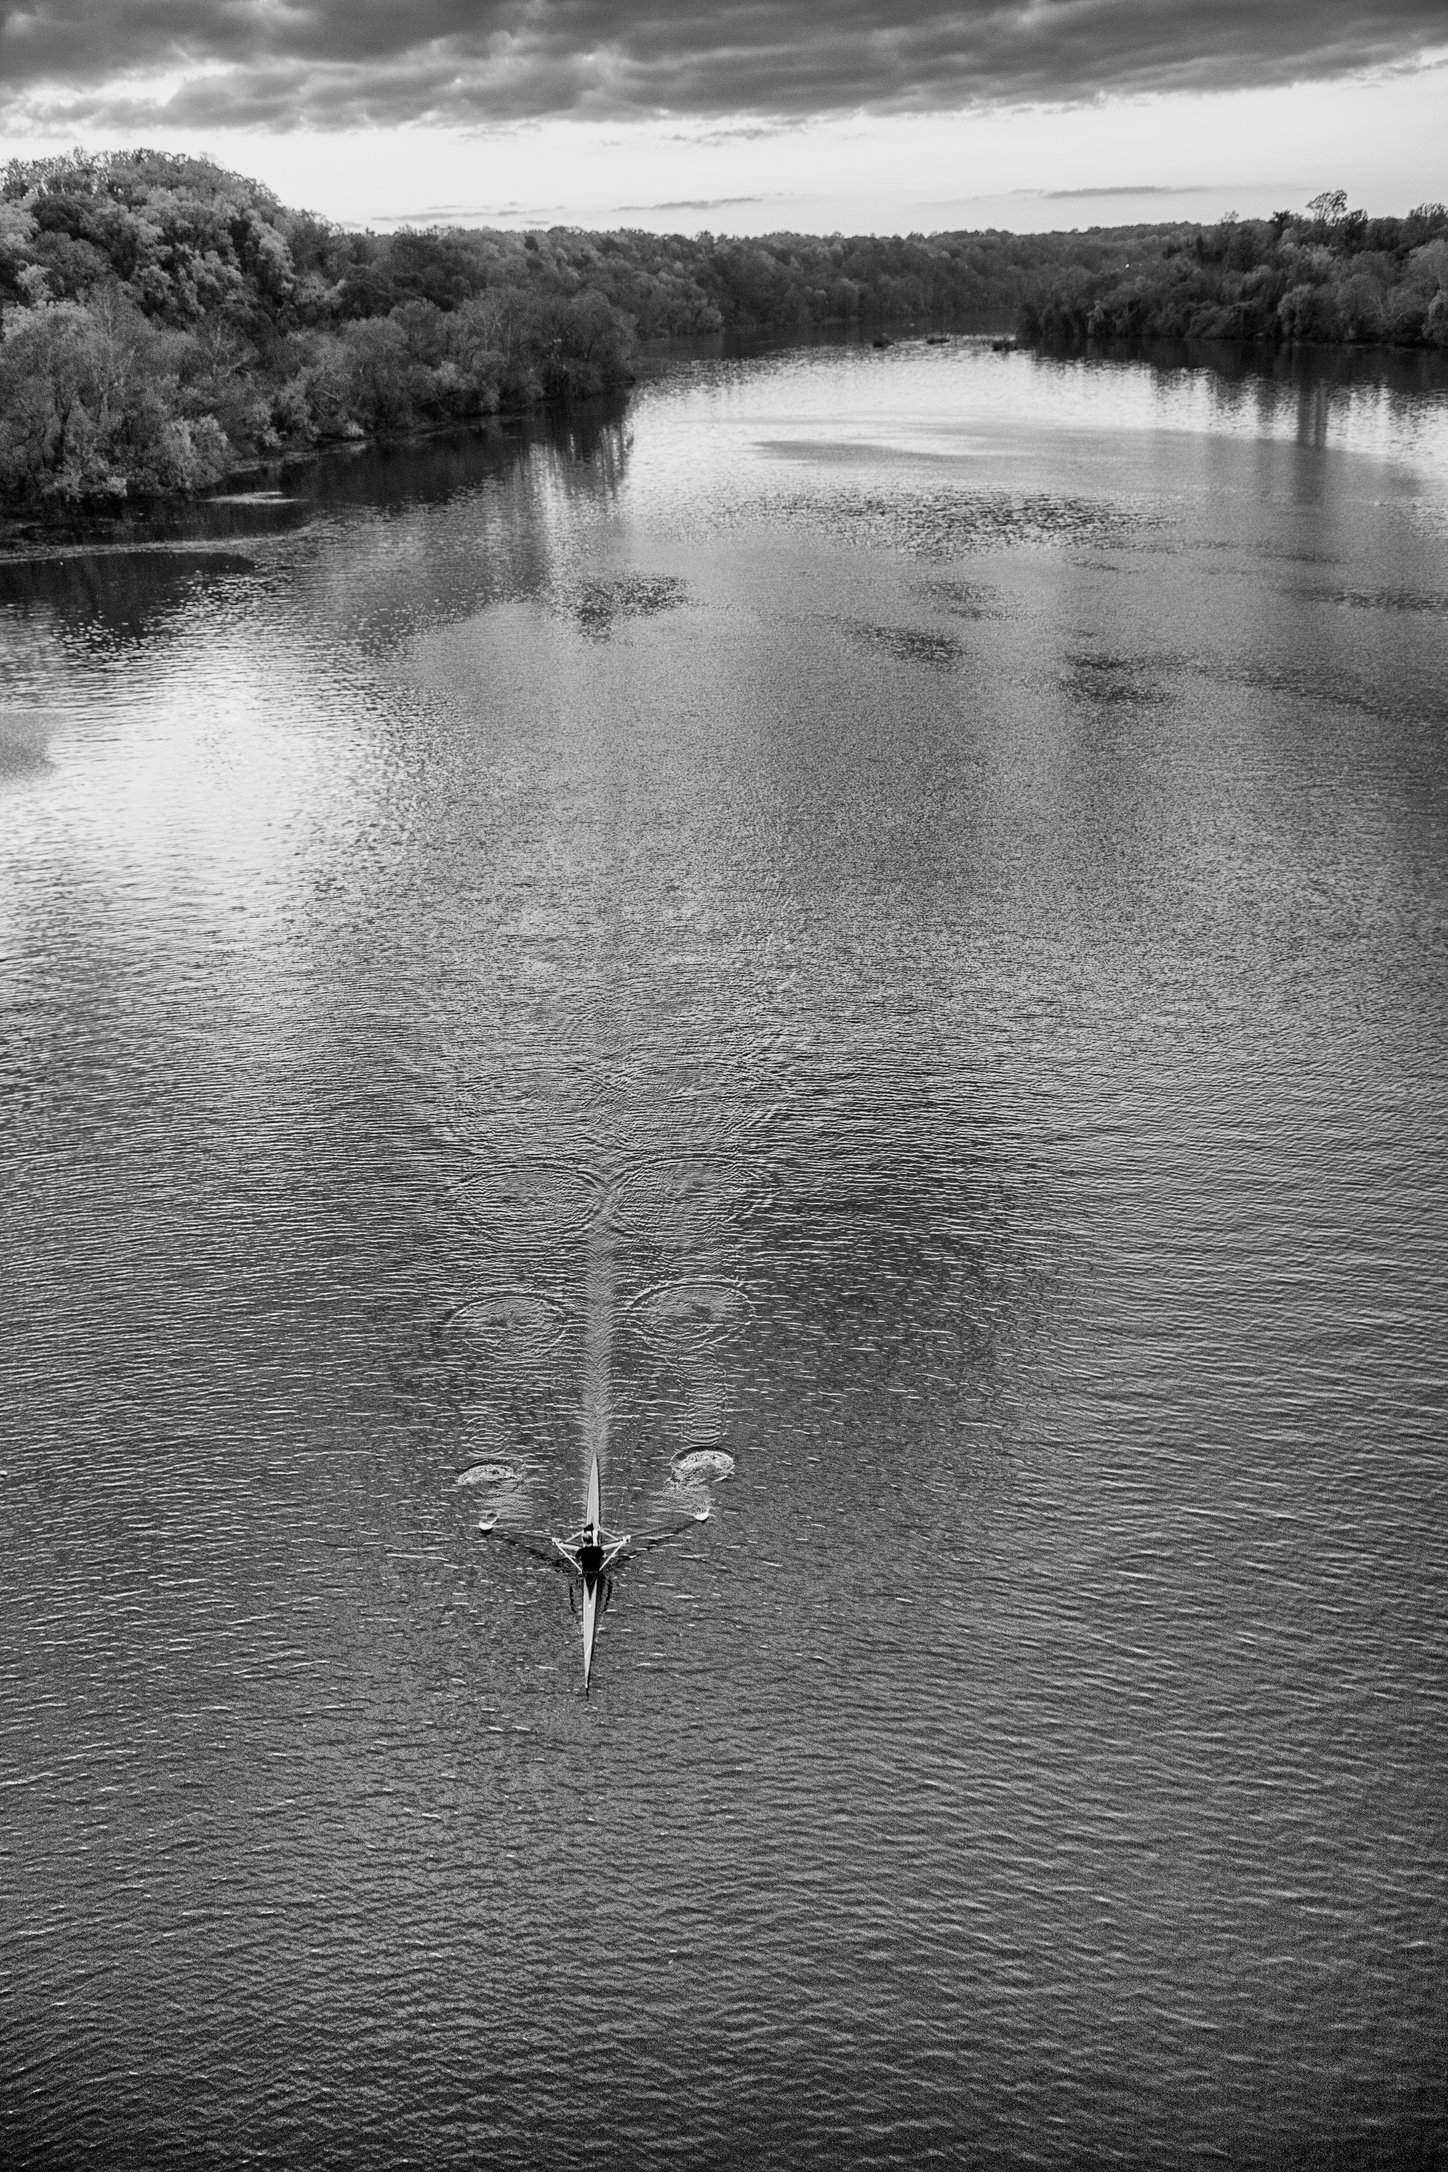 Rower V BW.jpg